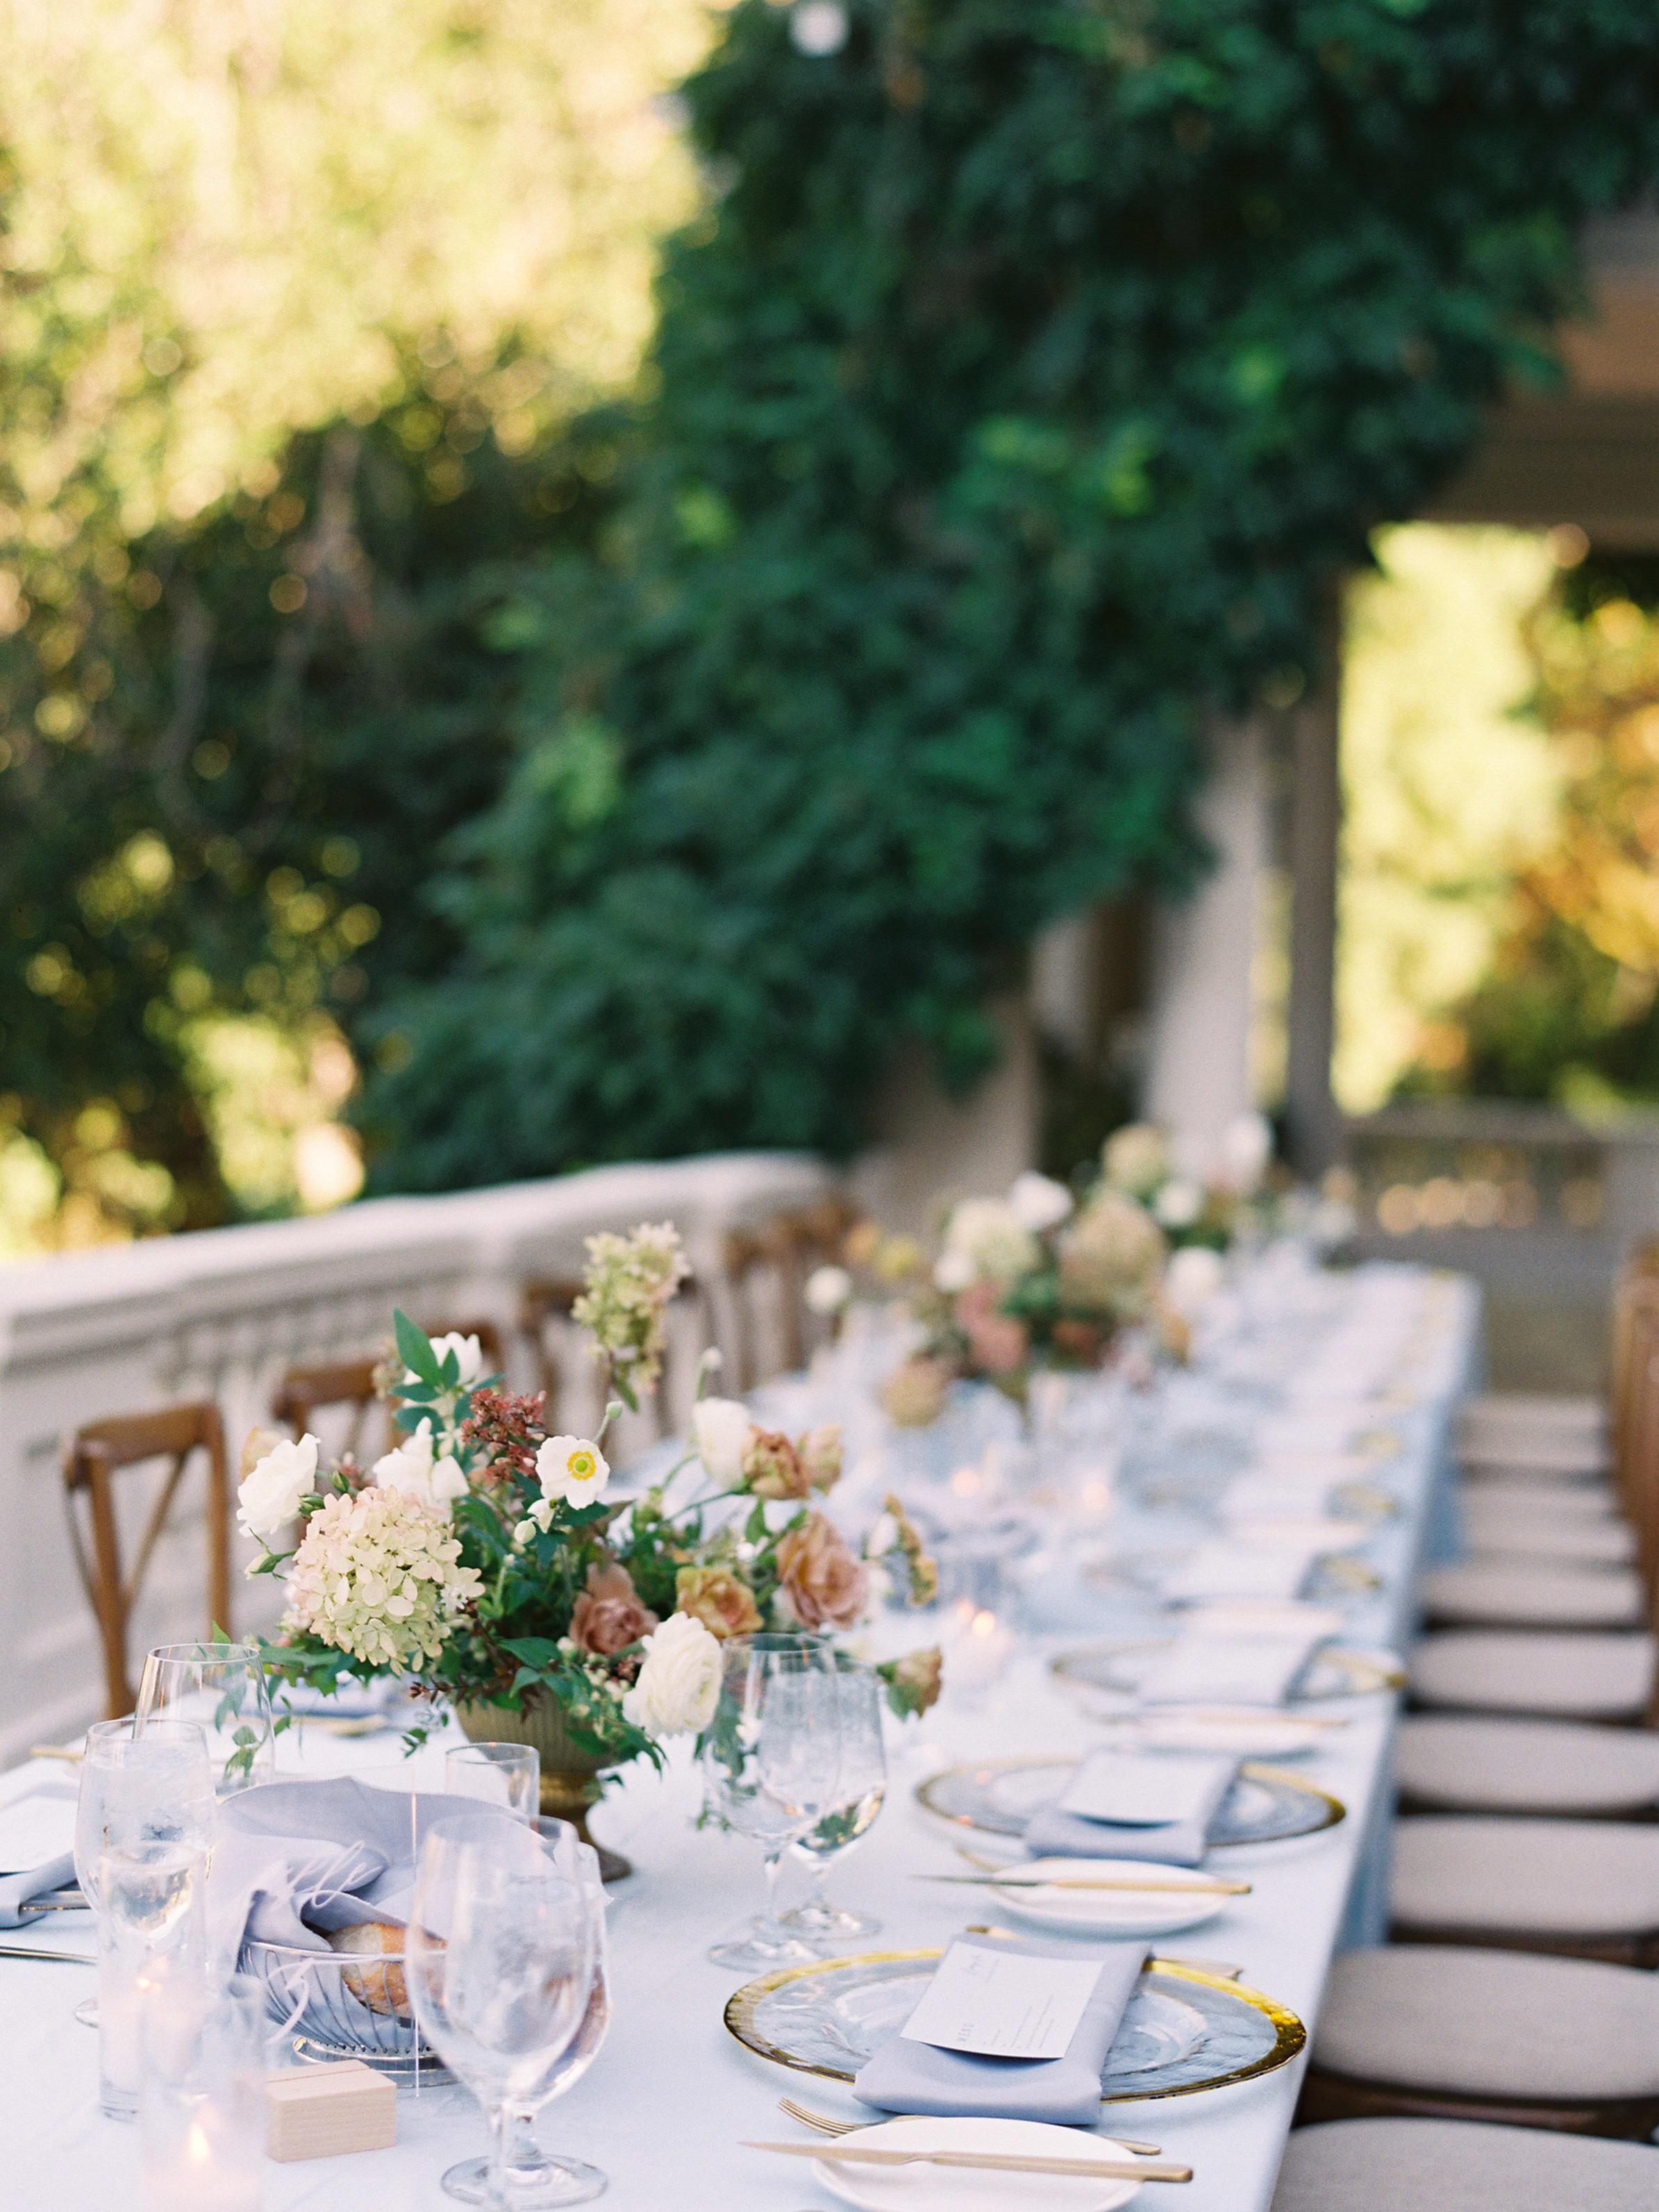 Tuscan Villa Feast - Villa montalvo | Cupertino